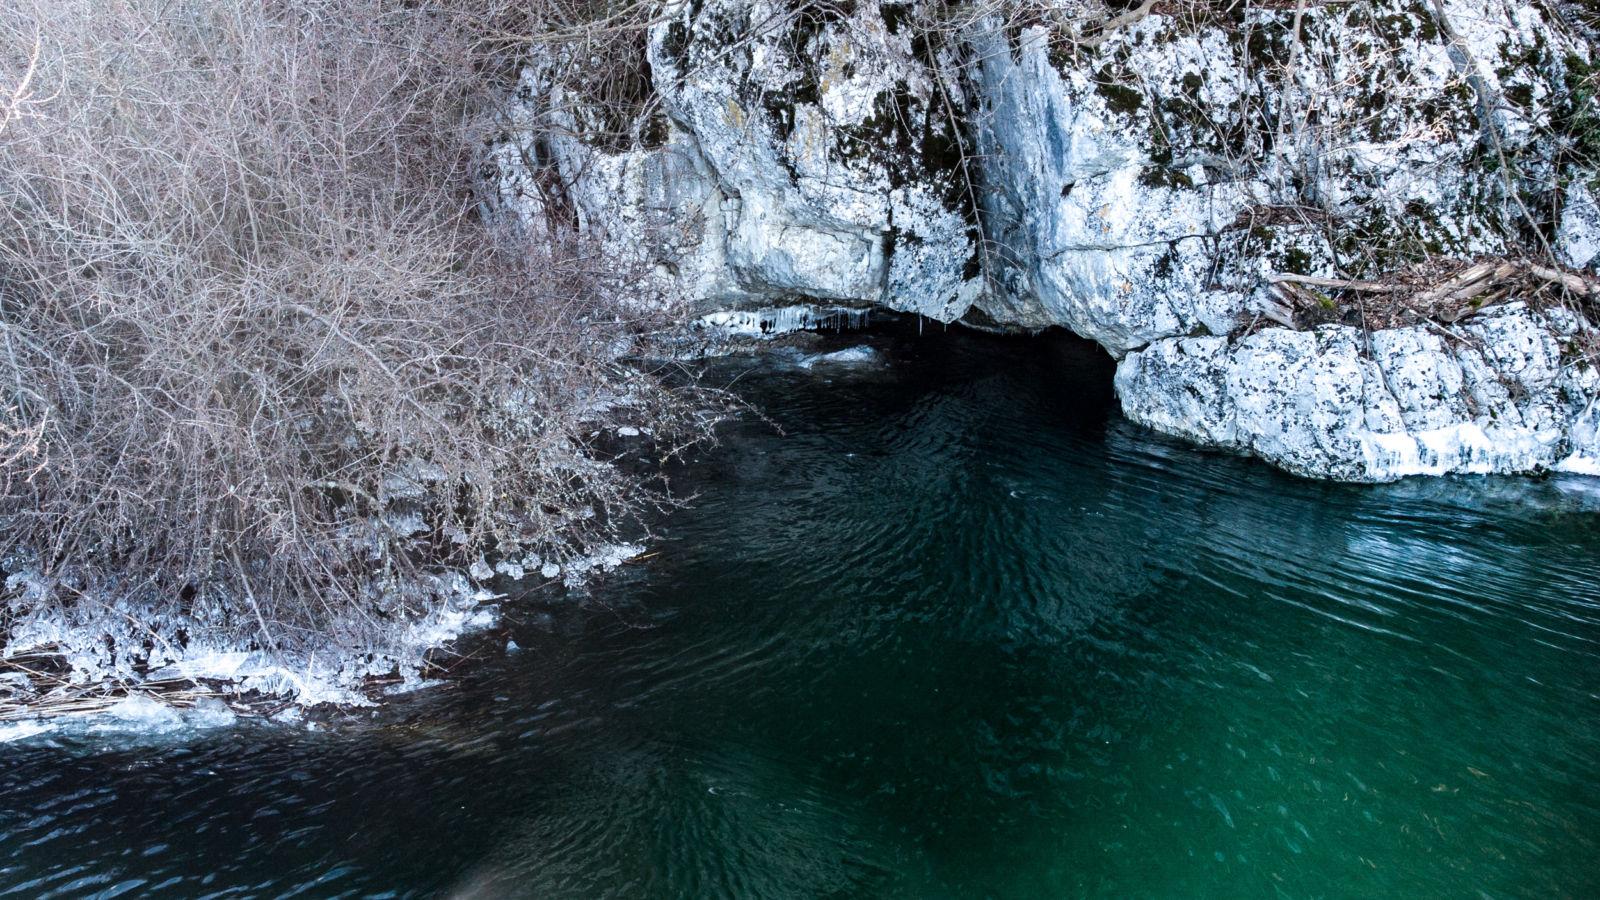 Mala Karlovica - vhod v jamo - visok vodostaj